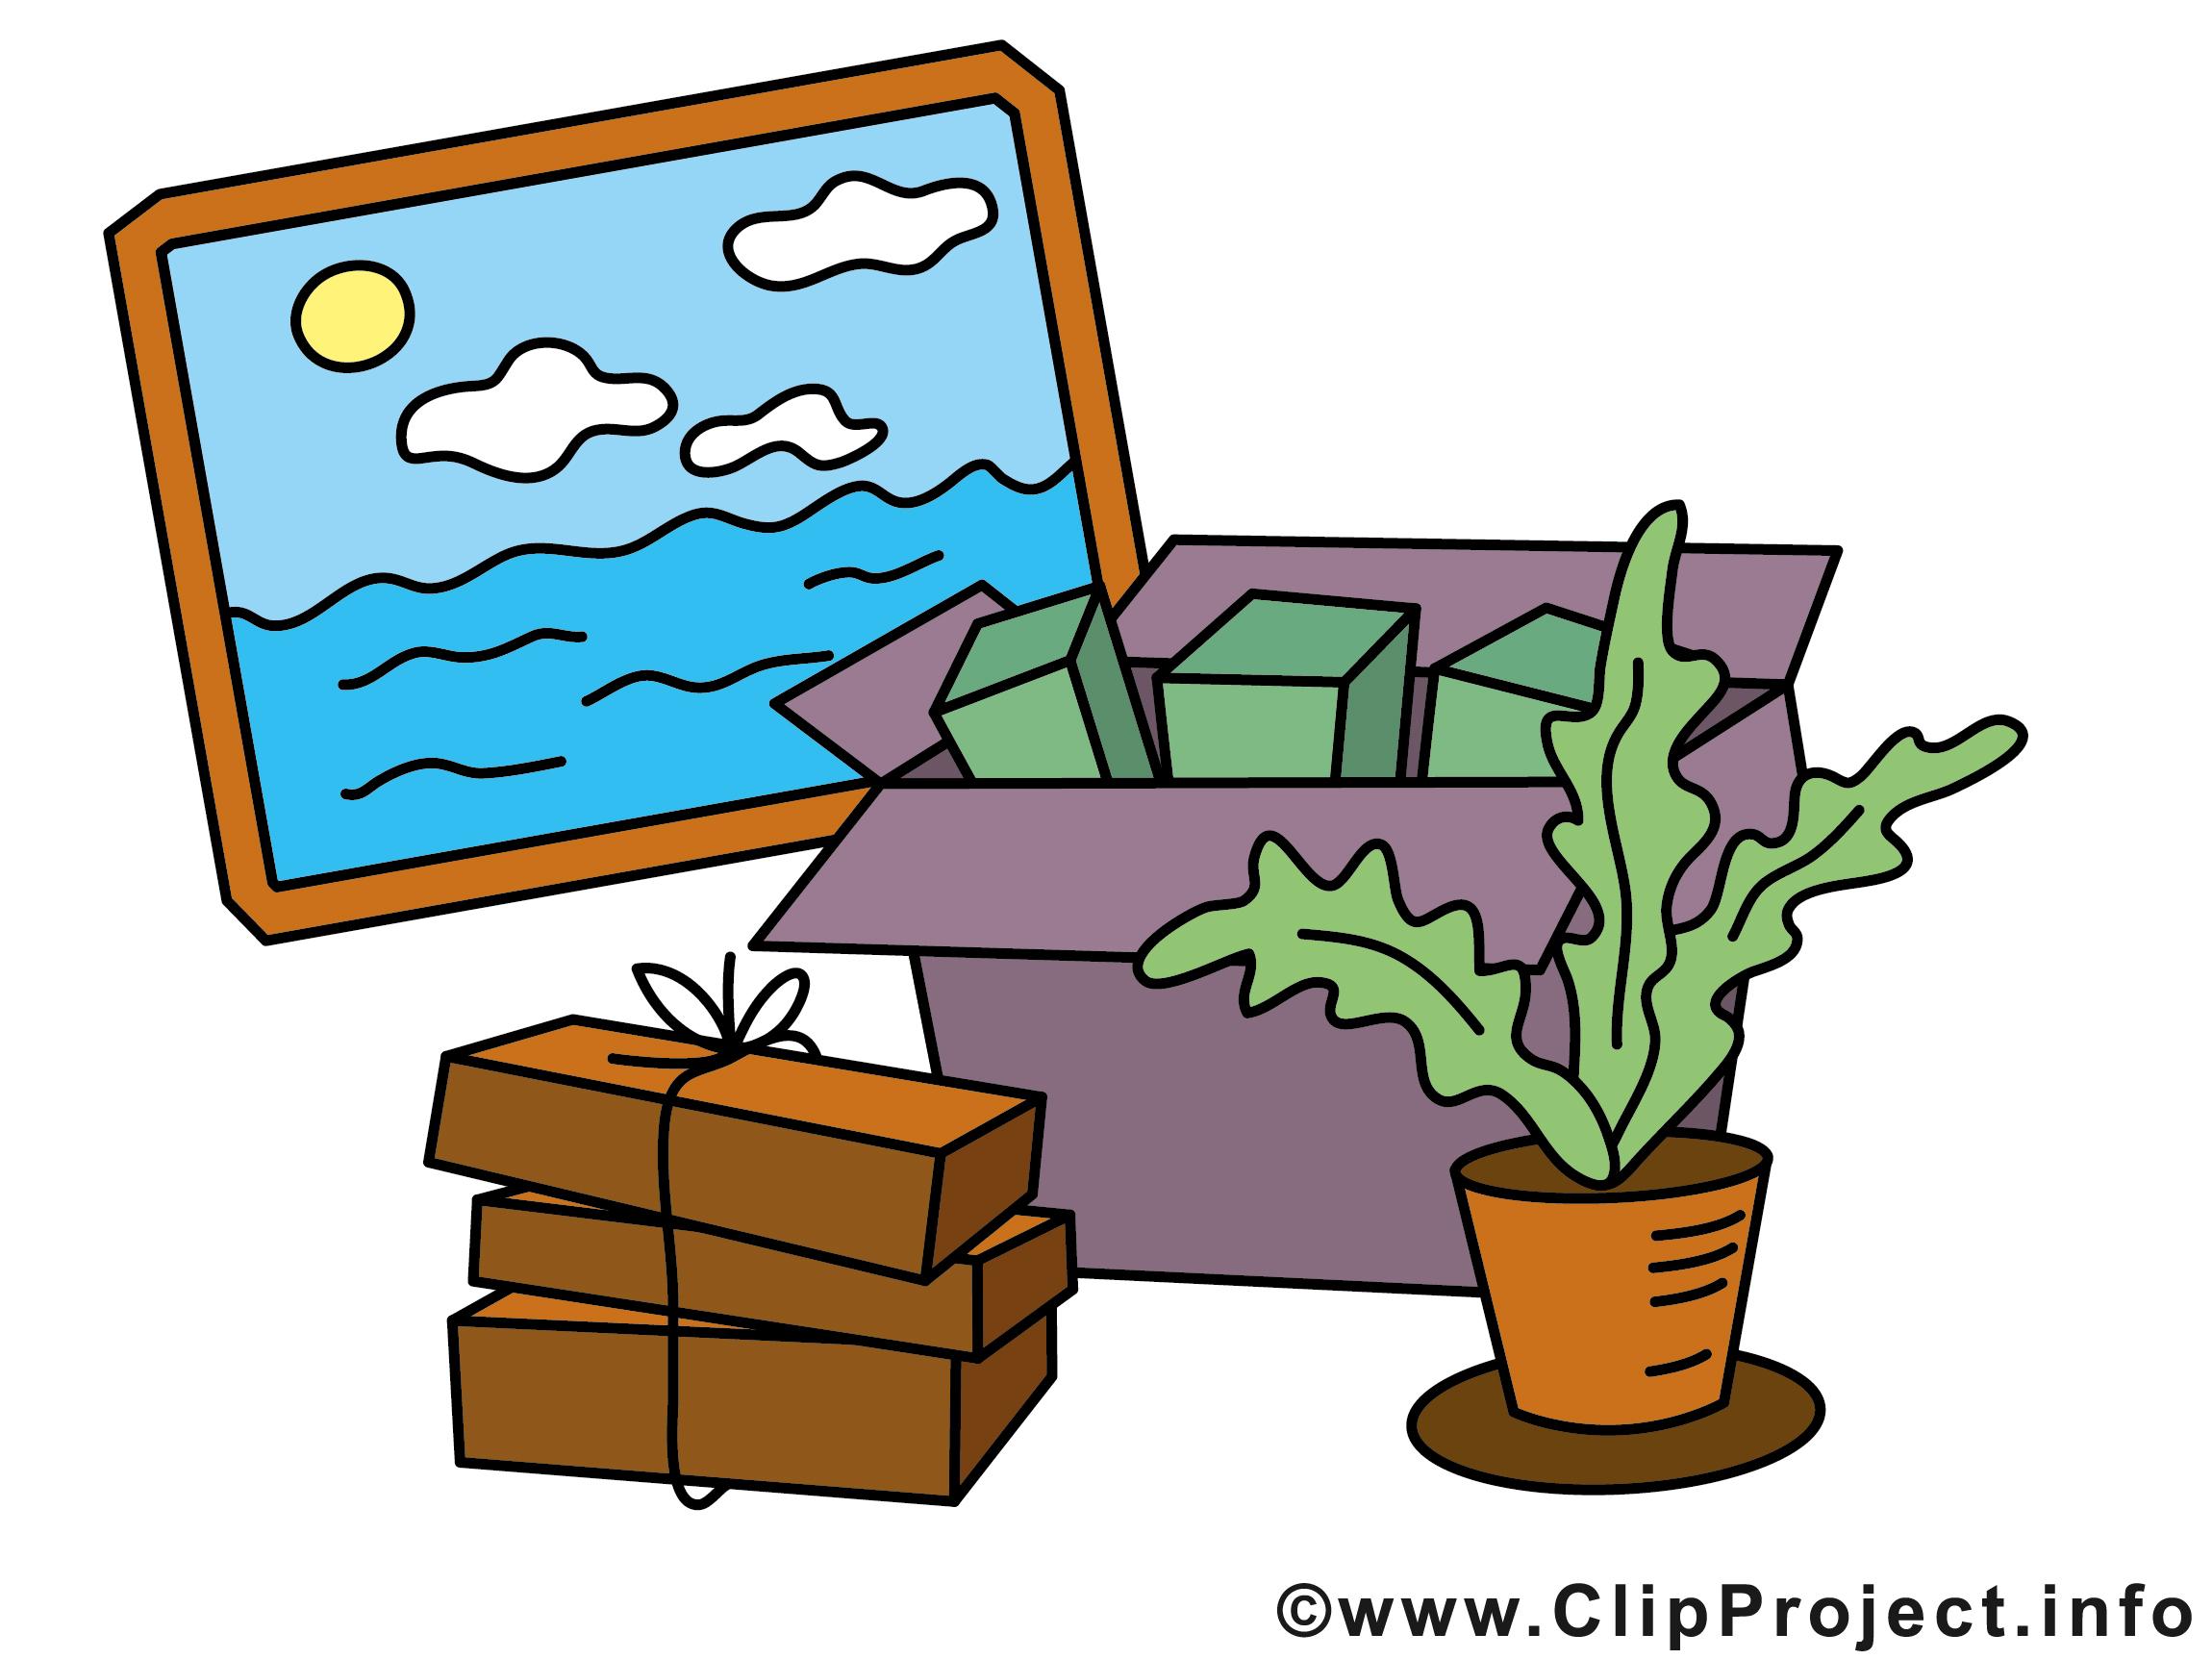 d m nagement dessins gratuits profession dessin picture image graphic clip art t l charger. Black Bedroom Furniture Sets. Home Design Ideas